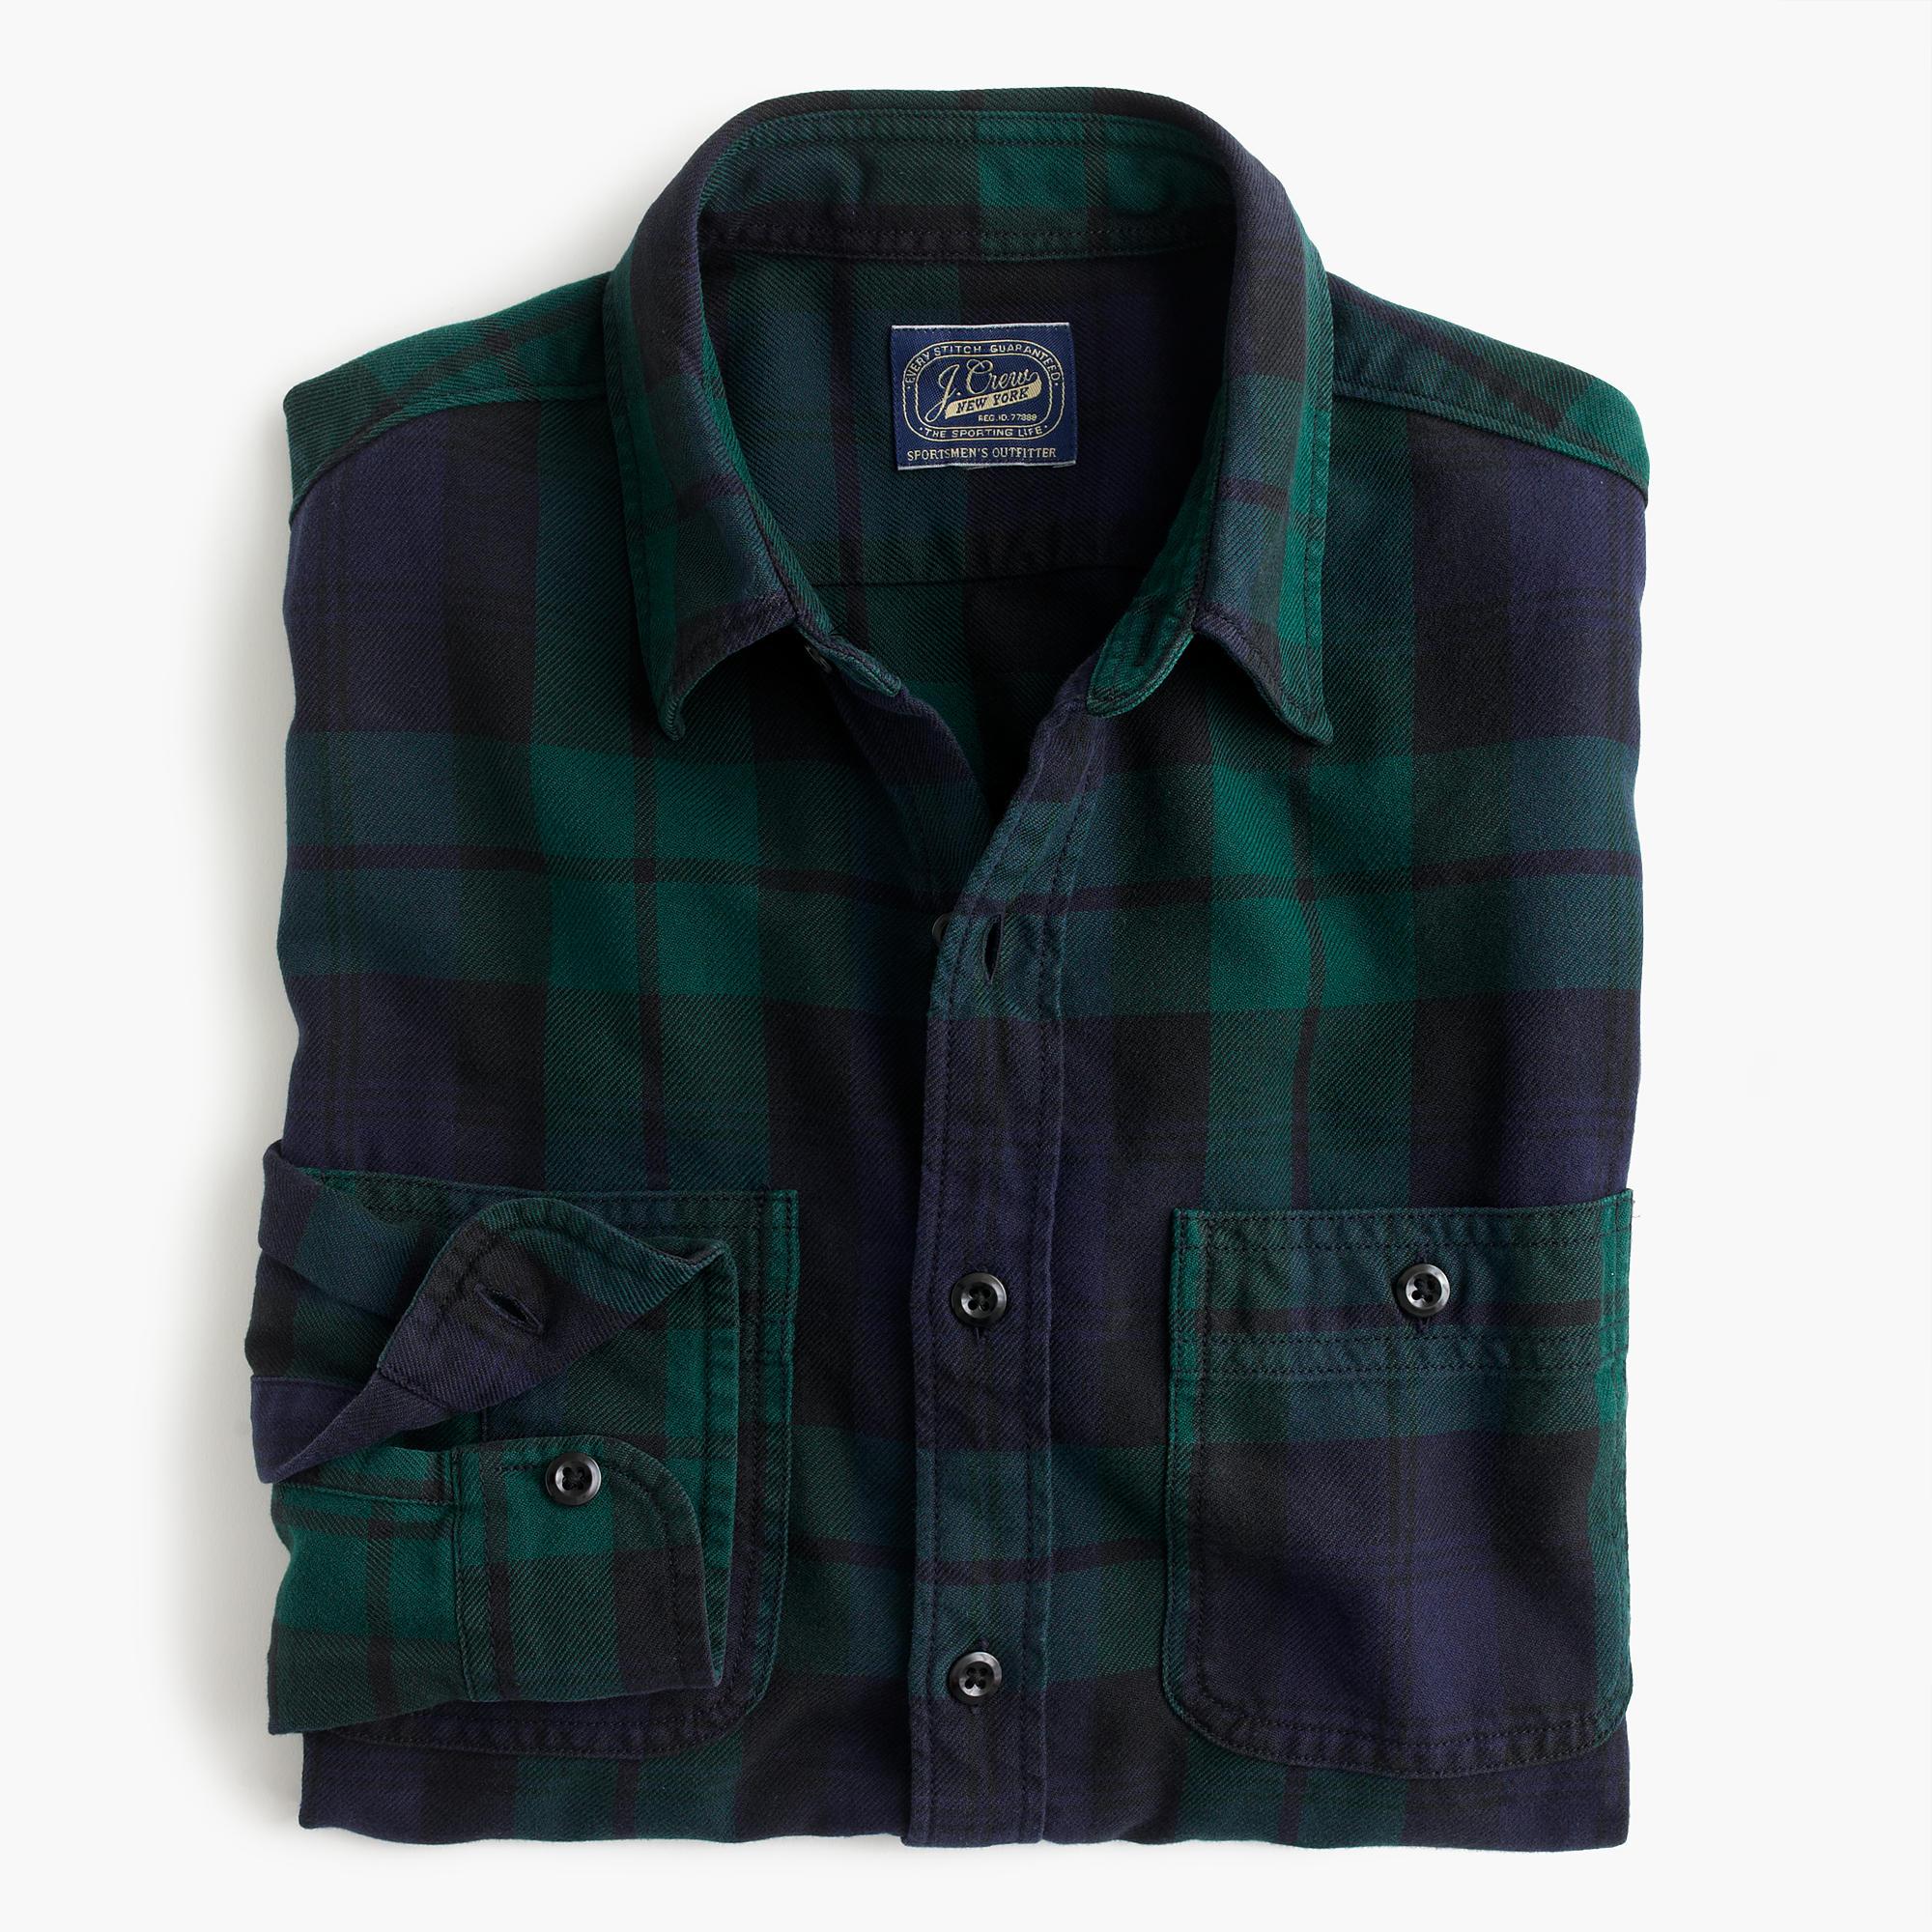 Slim midweight flannel shirt in black watch men 39 s shirts for Black watch flannel shirt